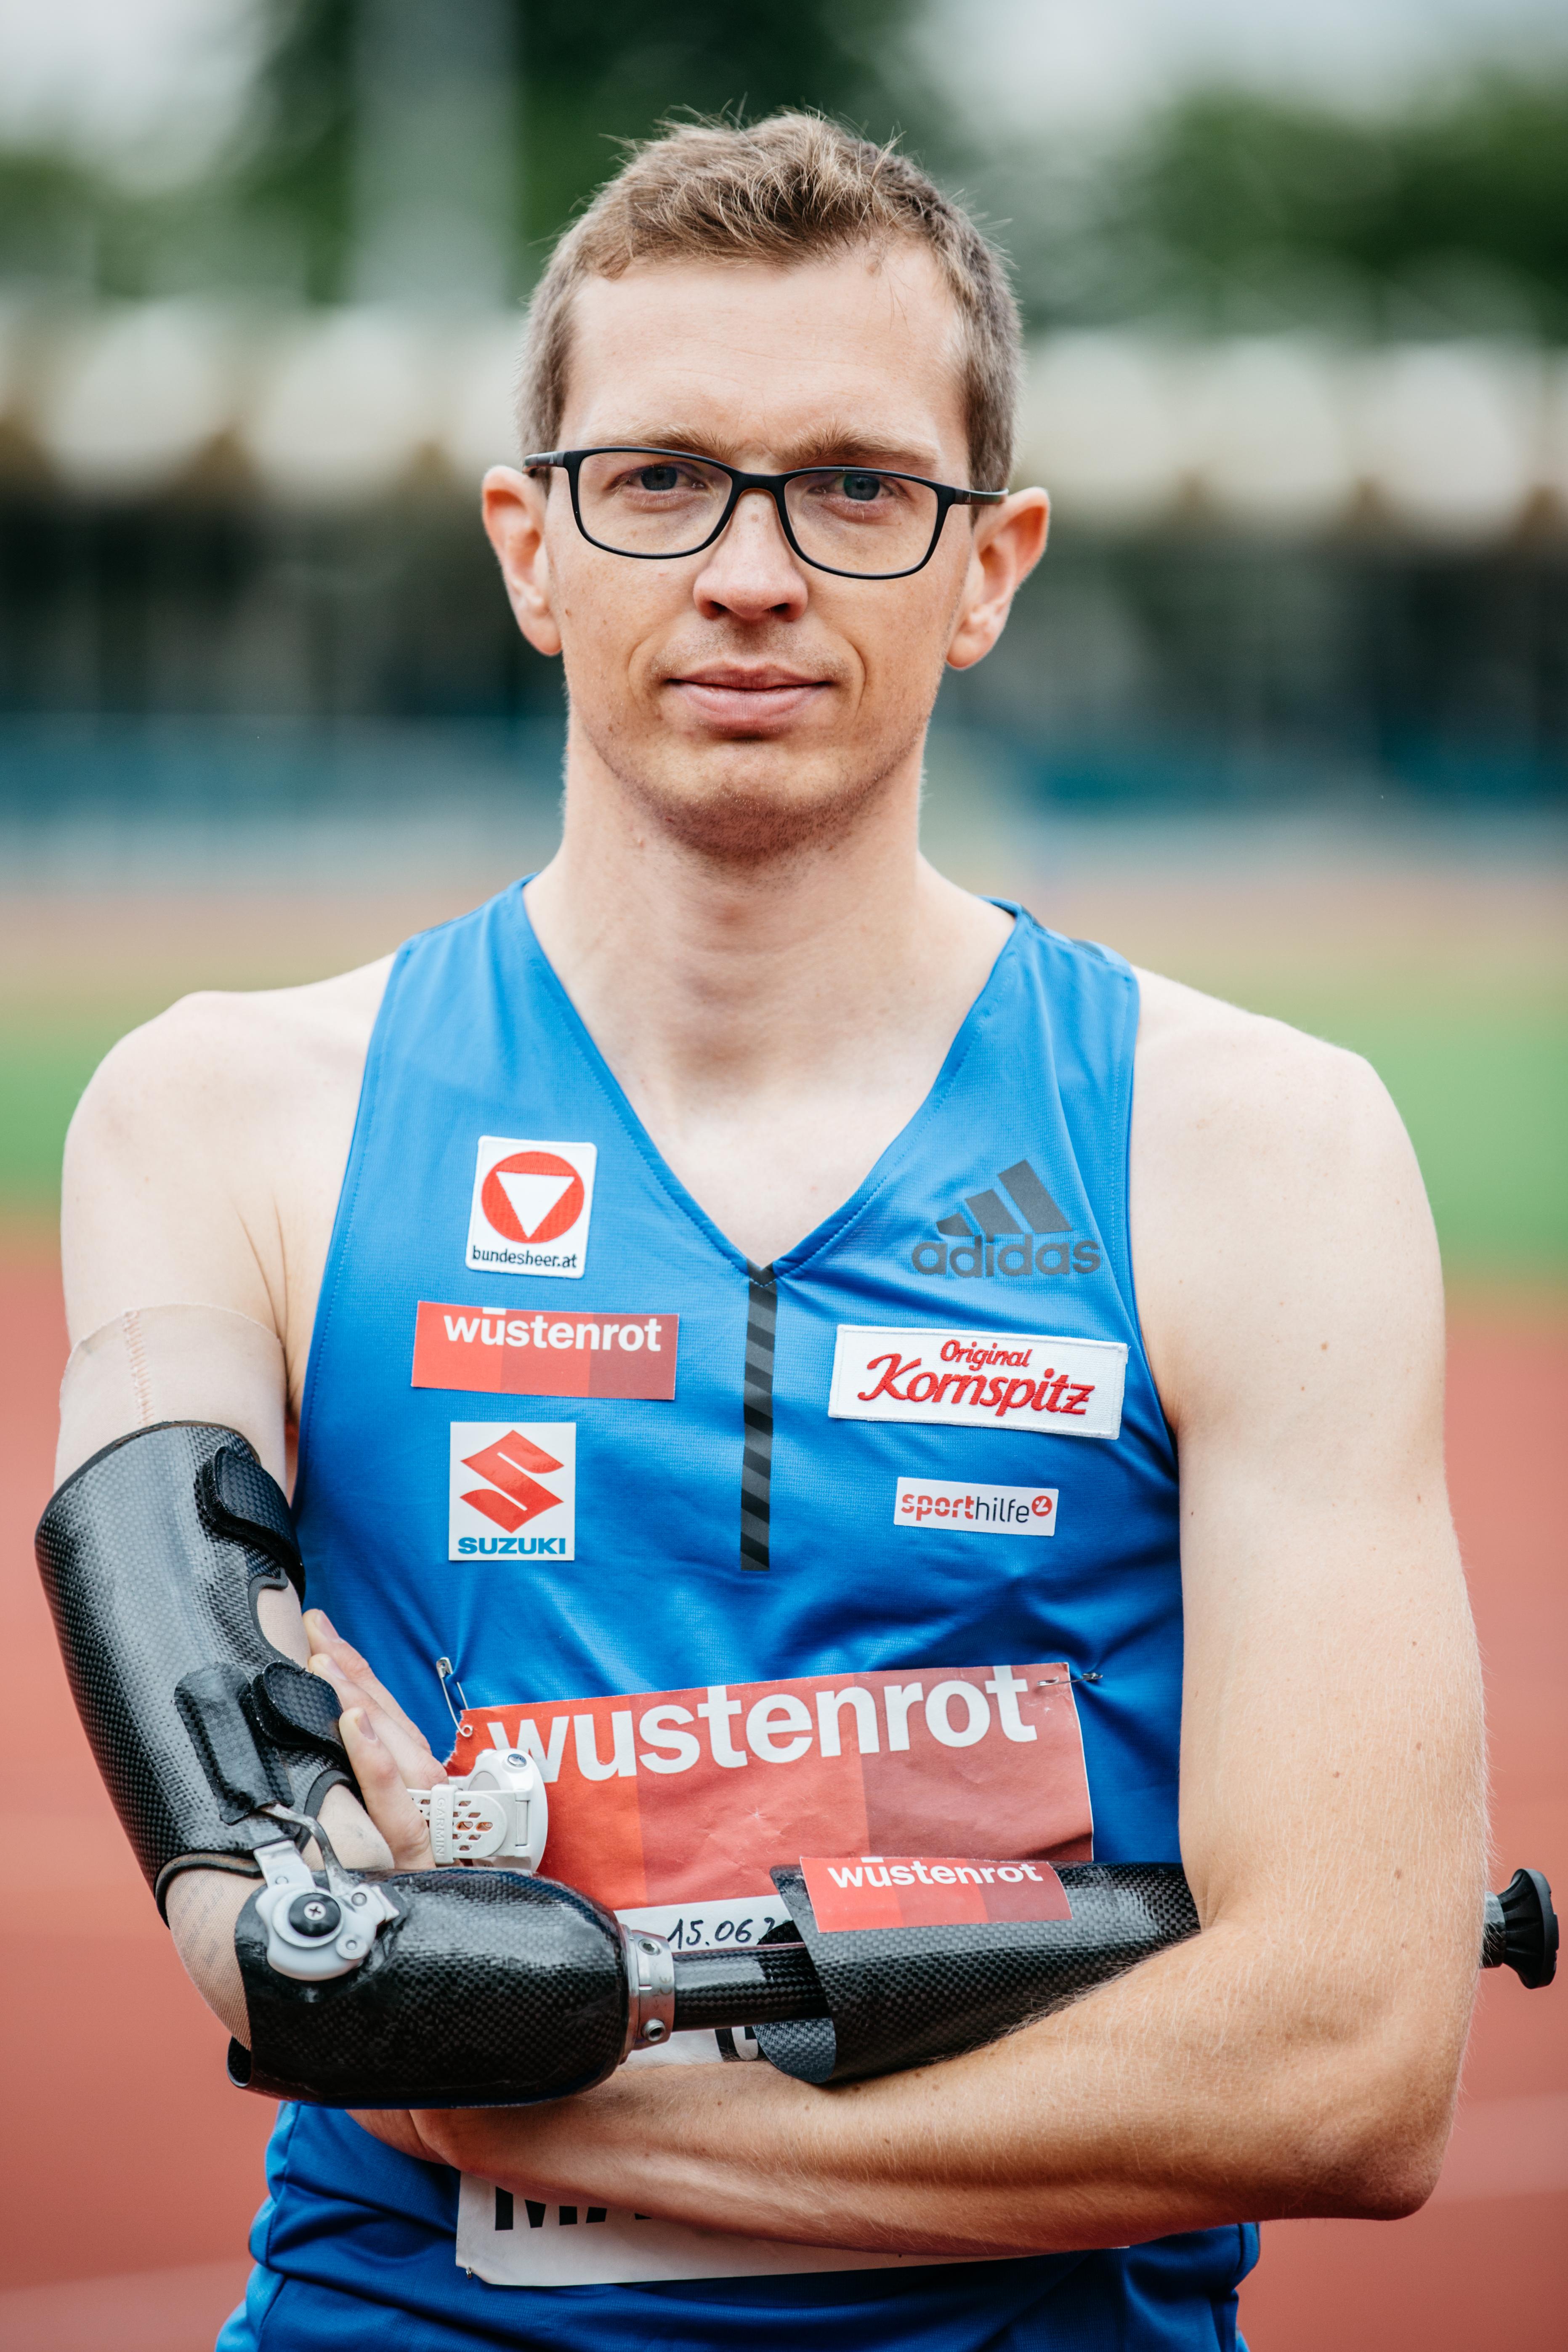 Matzinger fixierte mit seinem Sieg die erste Goldmedaille für das österreichische Team bei den Titelkämpfen in London diesen Sommer 2017.